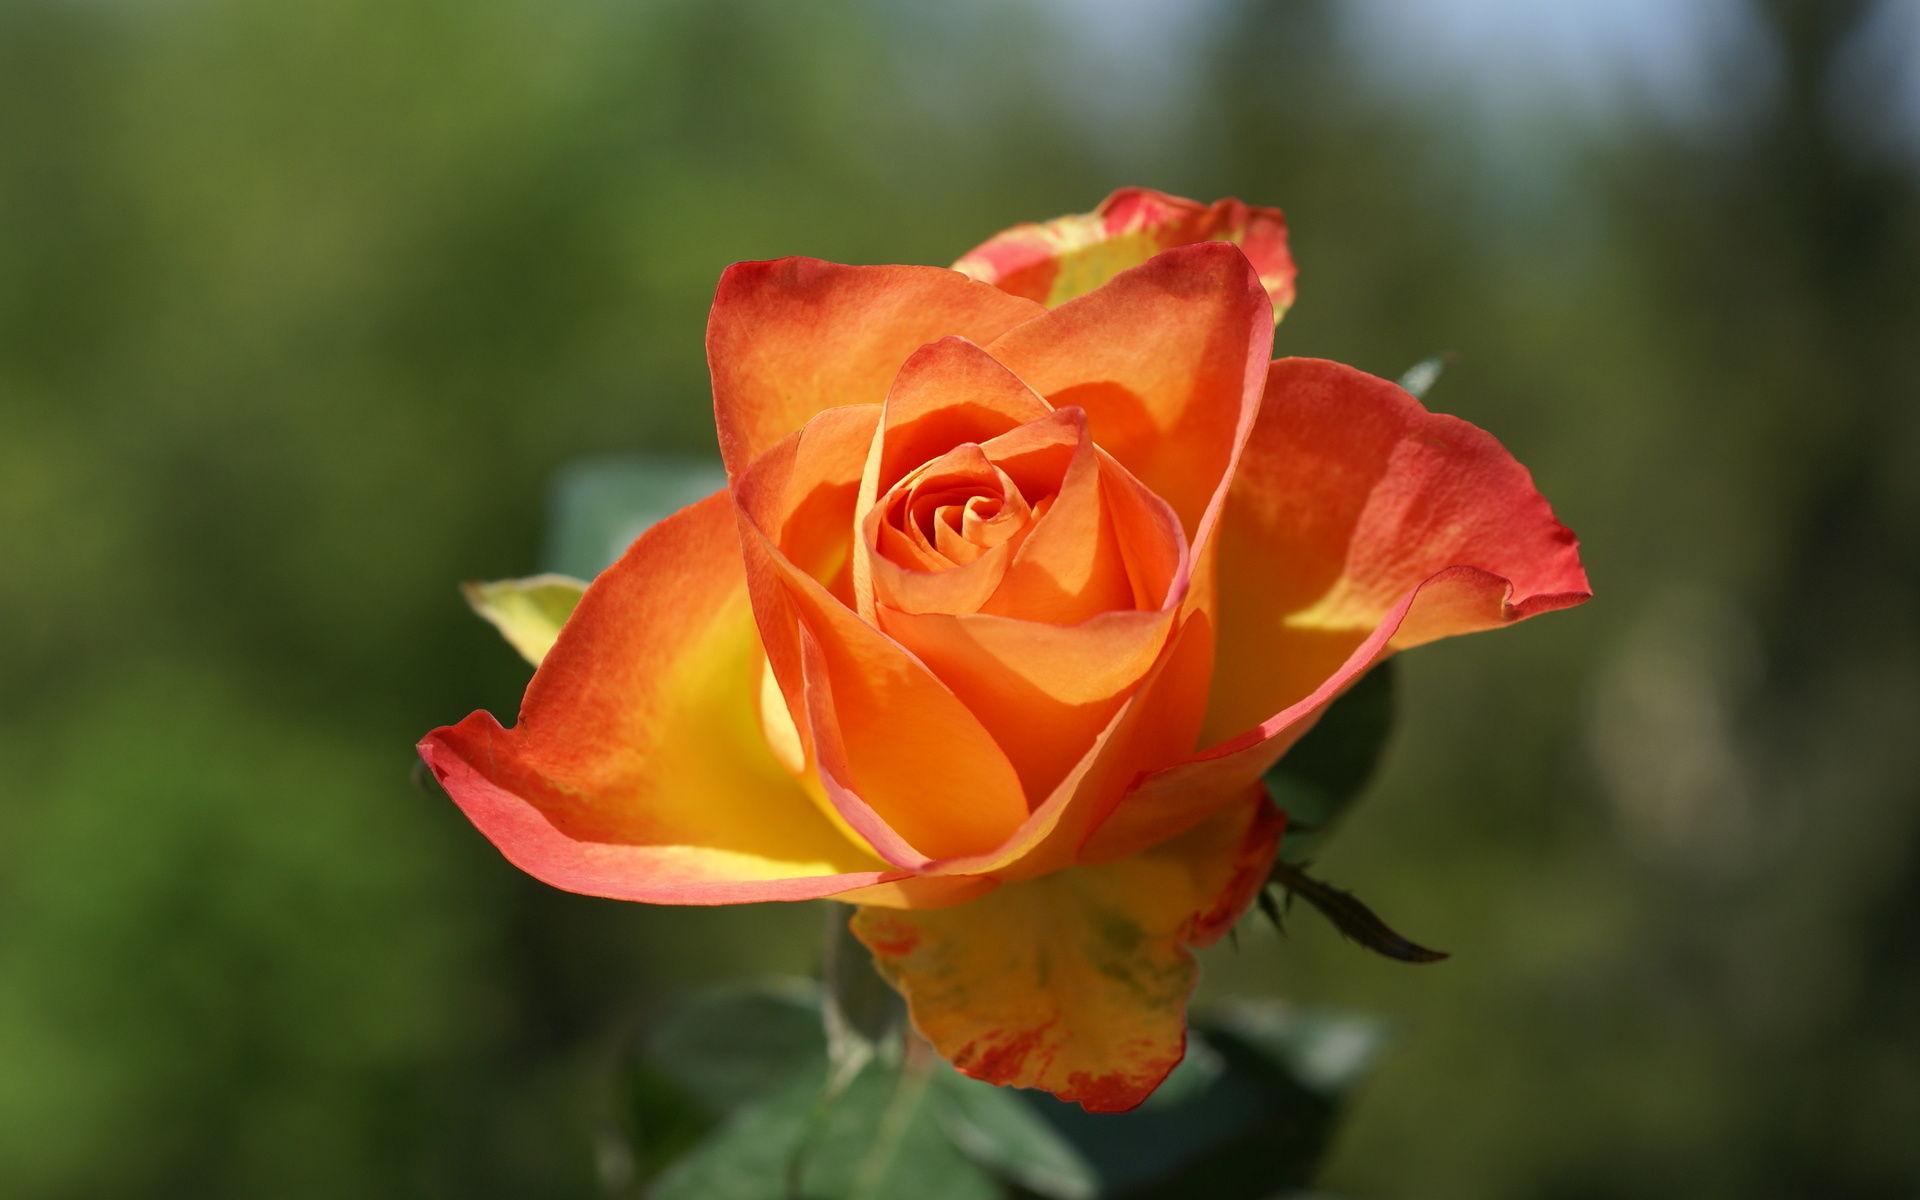 Single Rose Wallpaper Hd Orange Rose Haidemorala